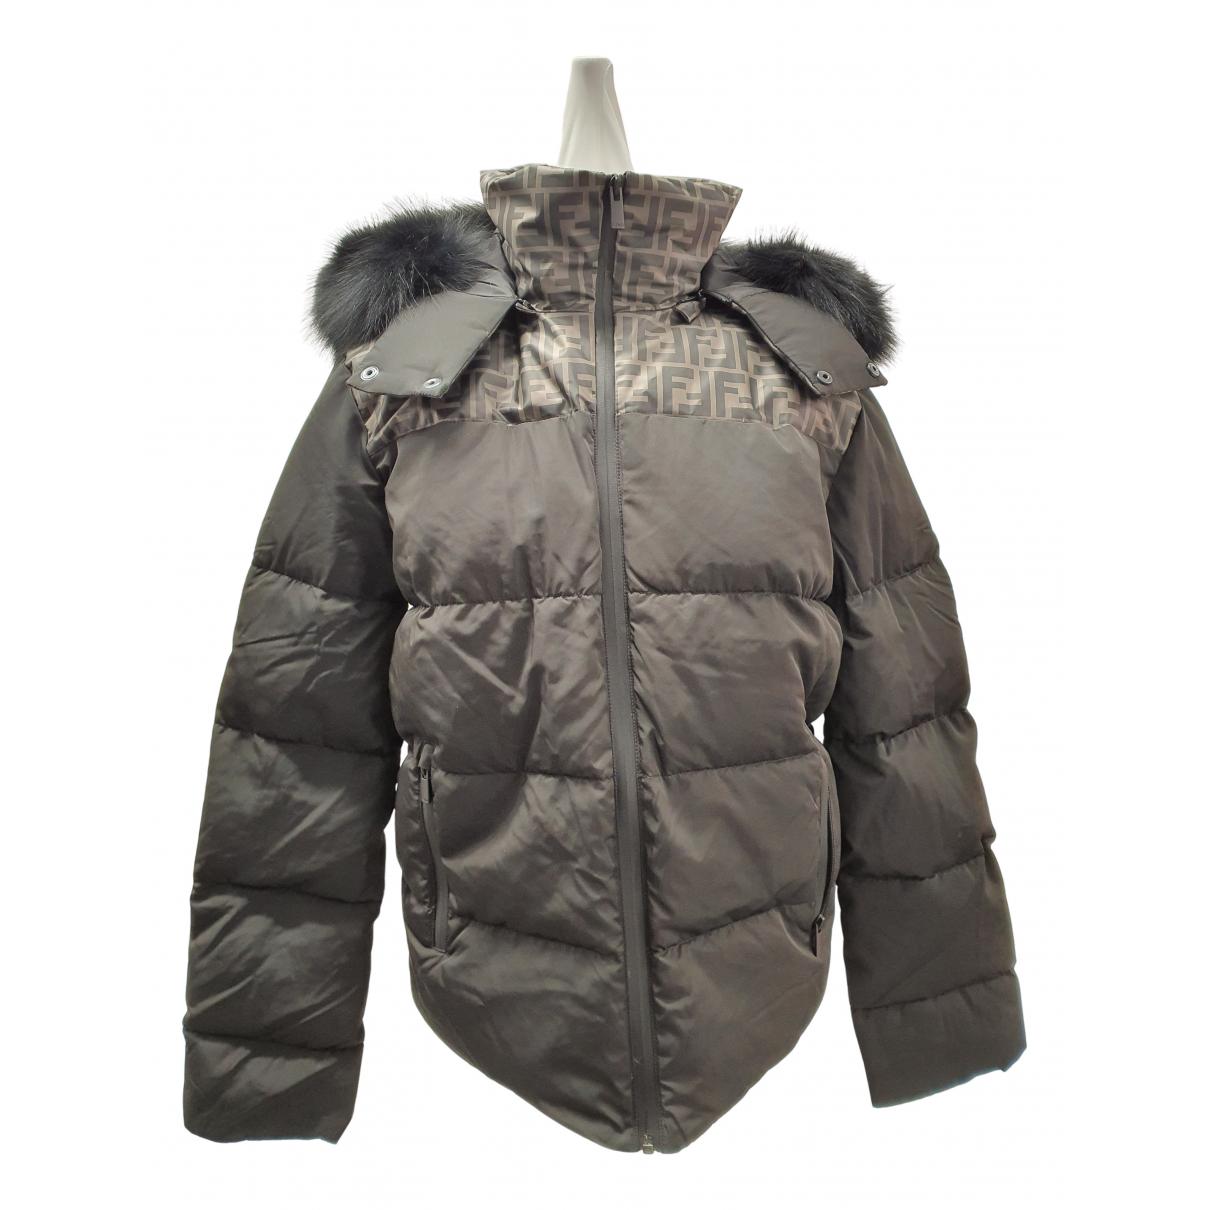 Fendi - Manteau   pour homme